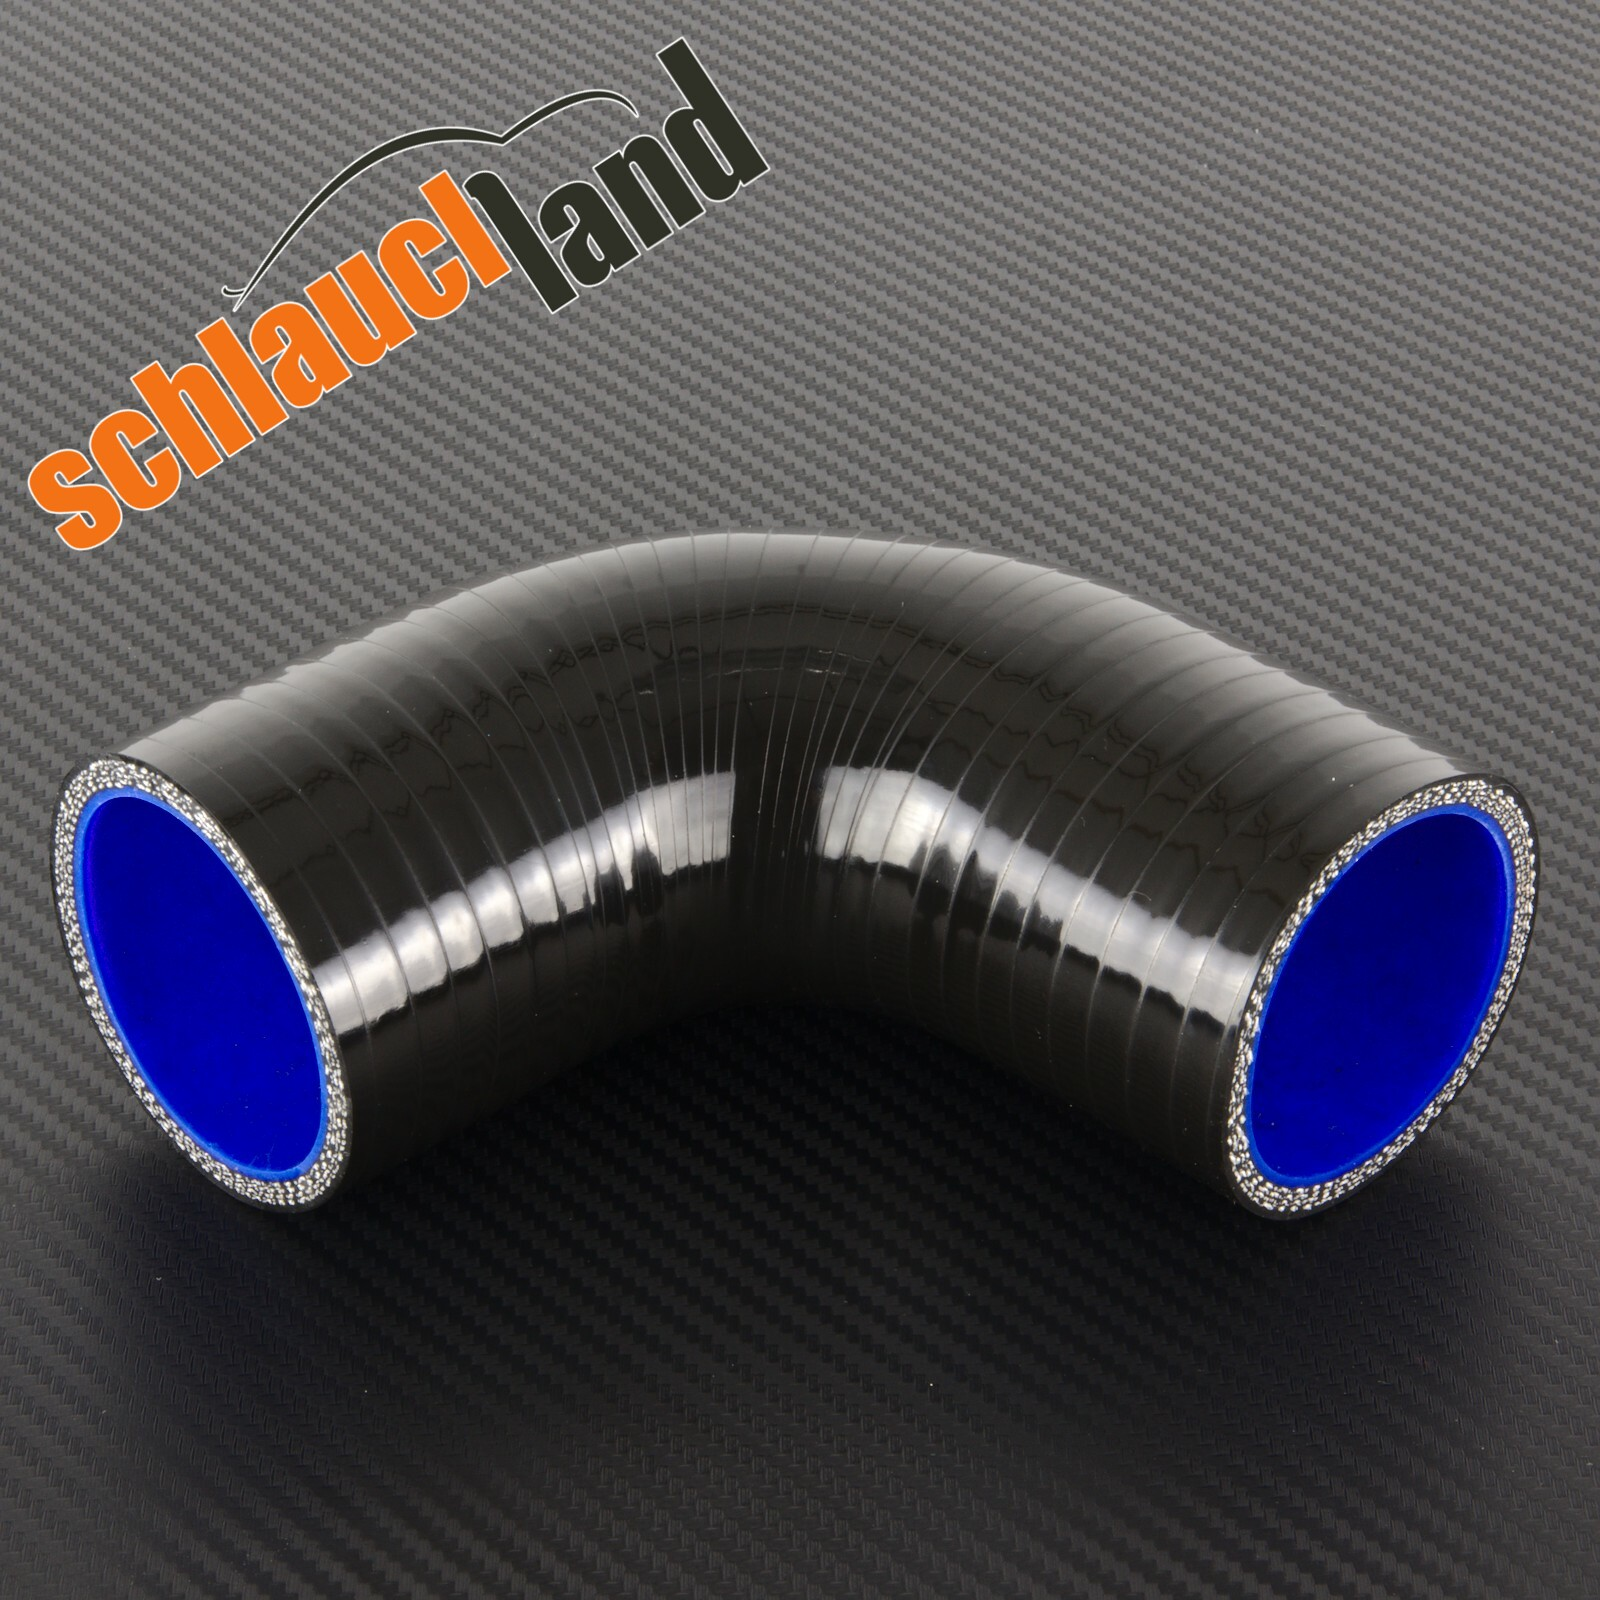 Silikonbogen 90° Innendurchmesser 60 mm / Schwarz